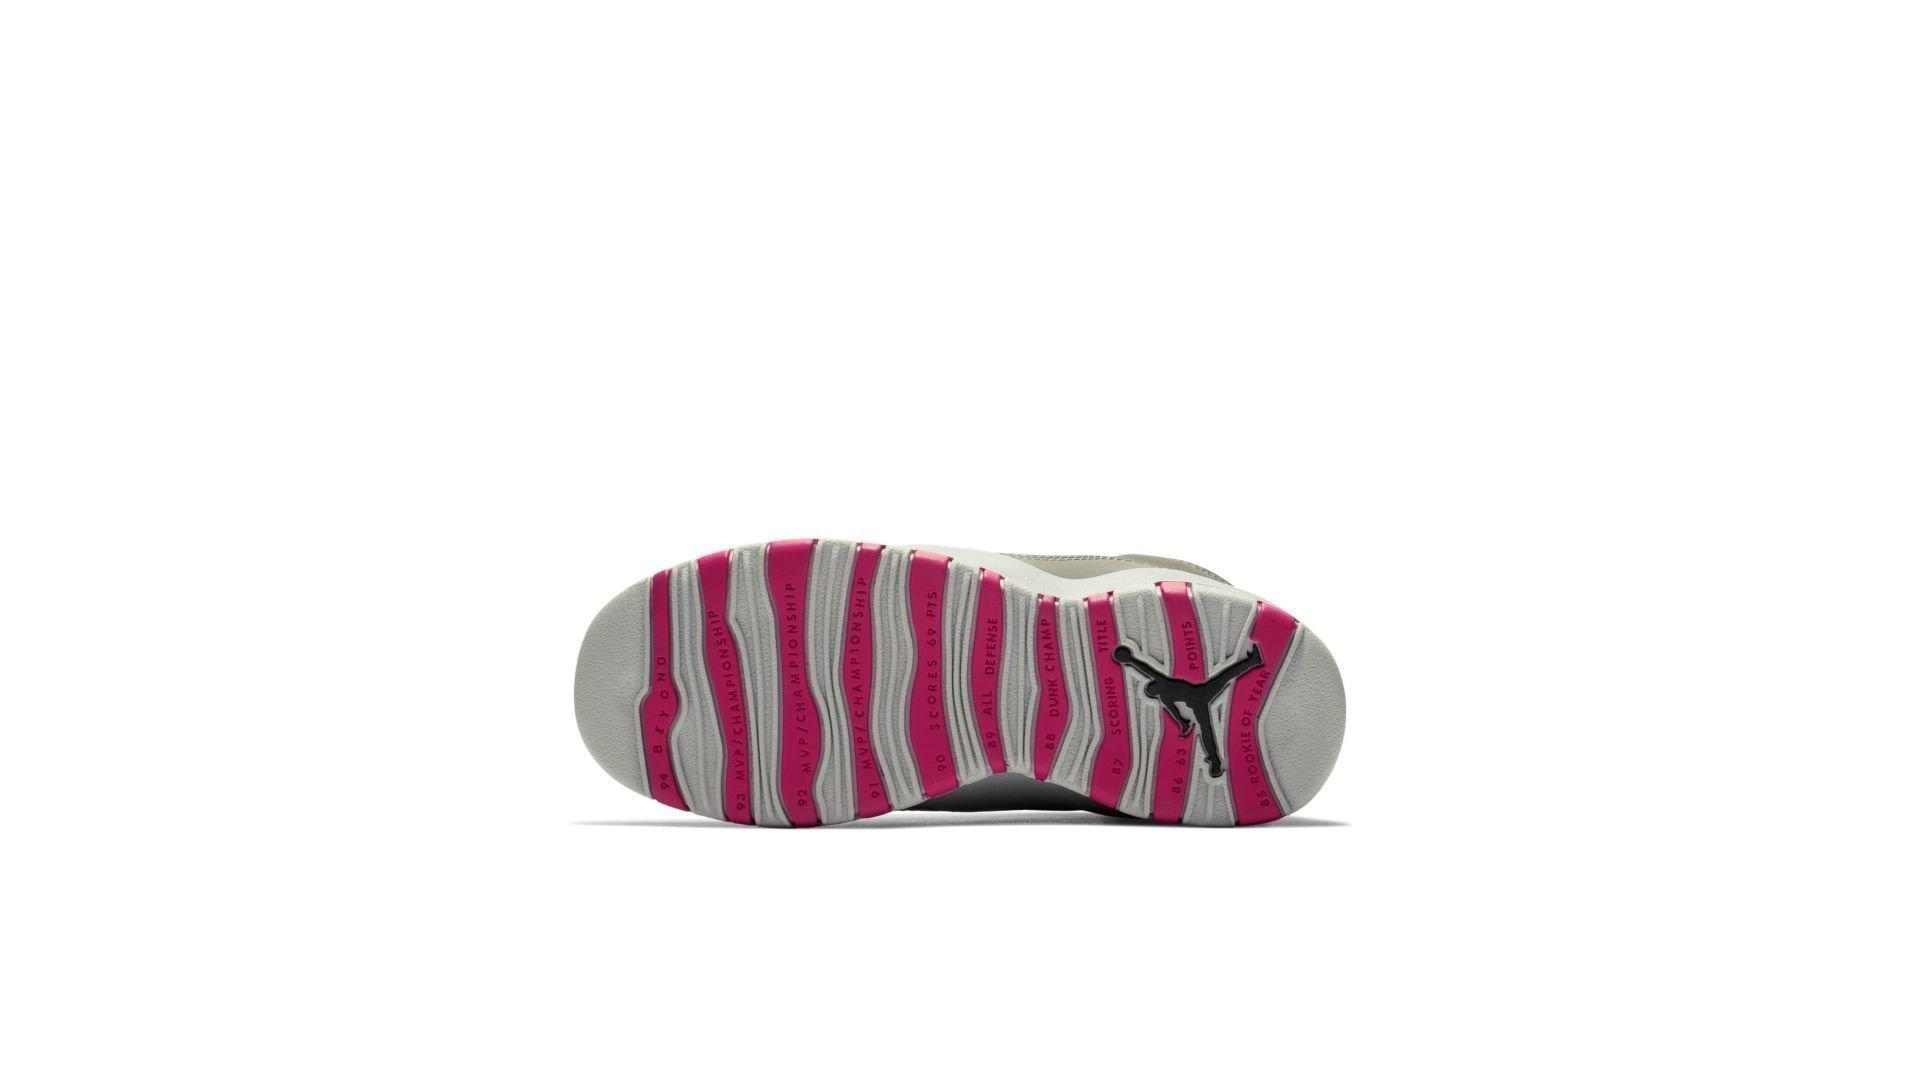 Jordan 10 Retro Rush Pink (GS) (487211-006)